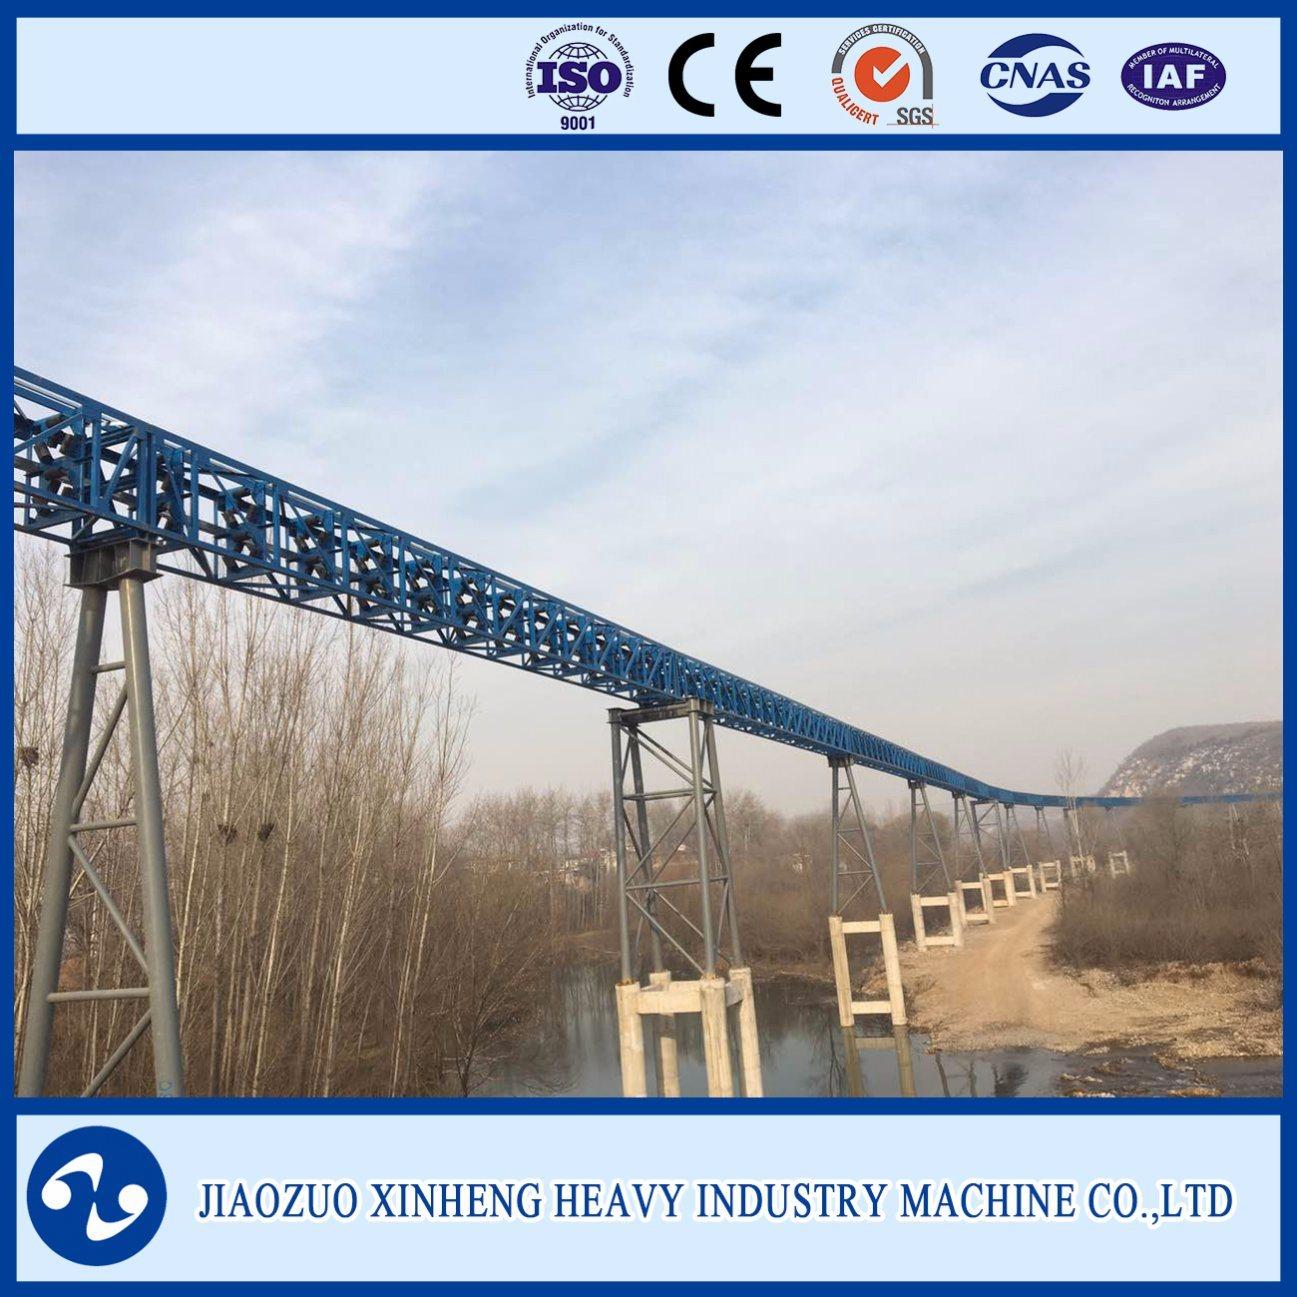 Belt Conveyor in Heavy Duty Industry for Mining, Coal, Power